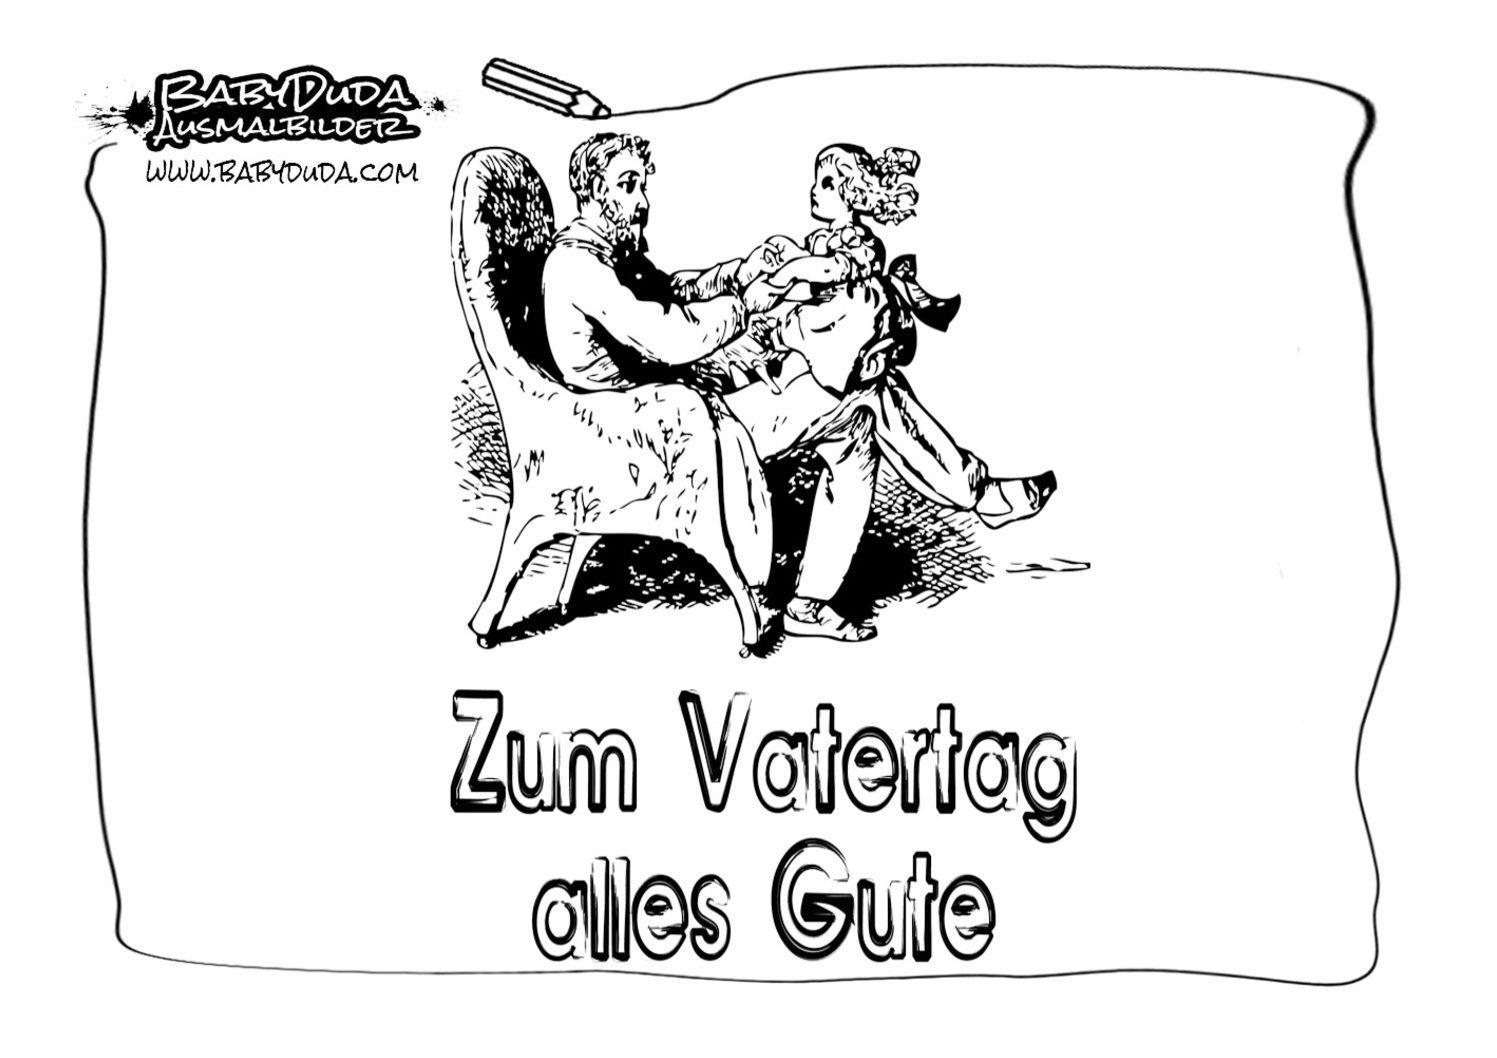 Fein Malbuch Kostenlos Herunterladen Pdf Bilder - Malvorlagen Von ...